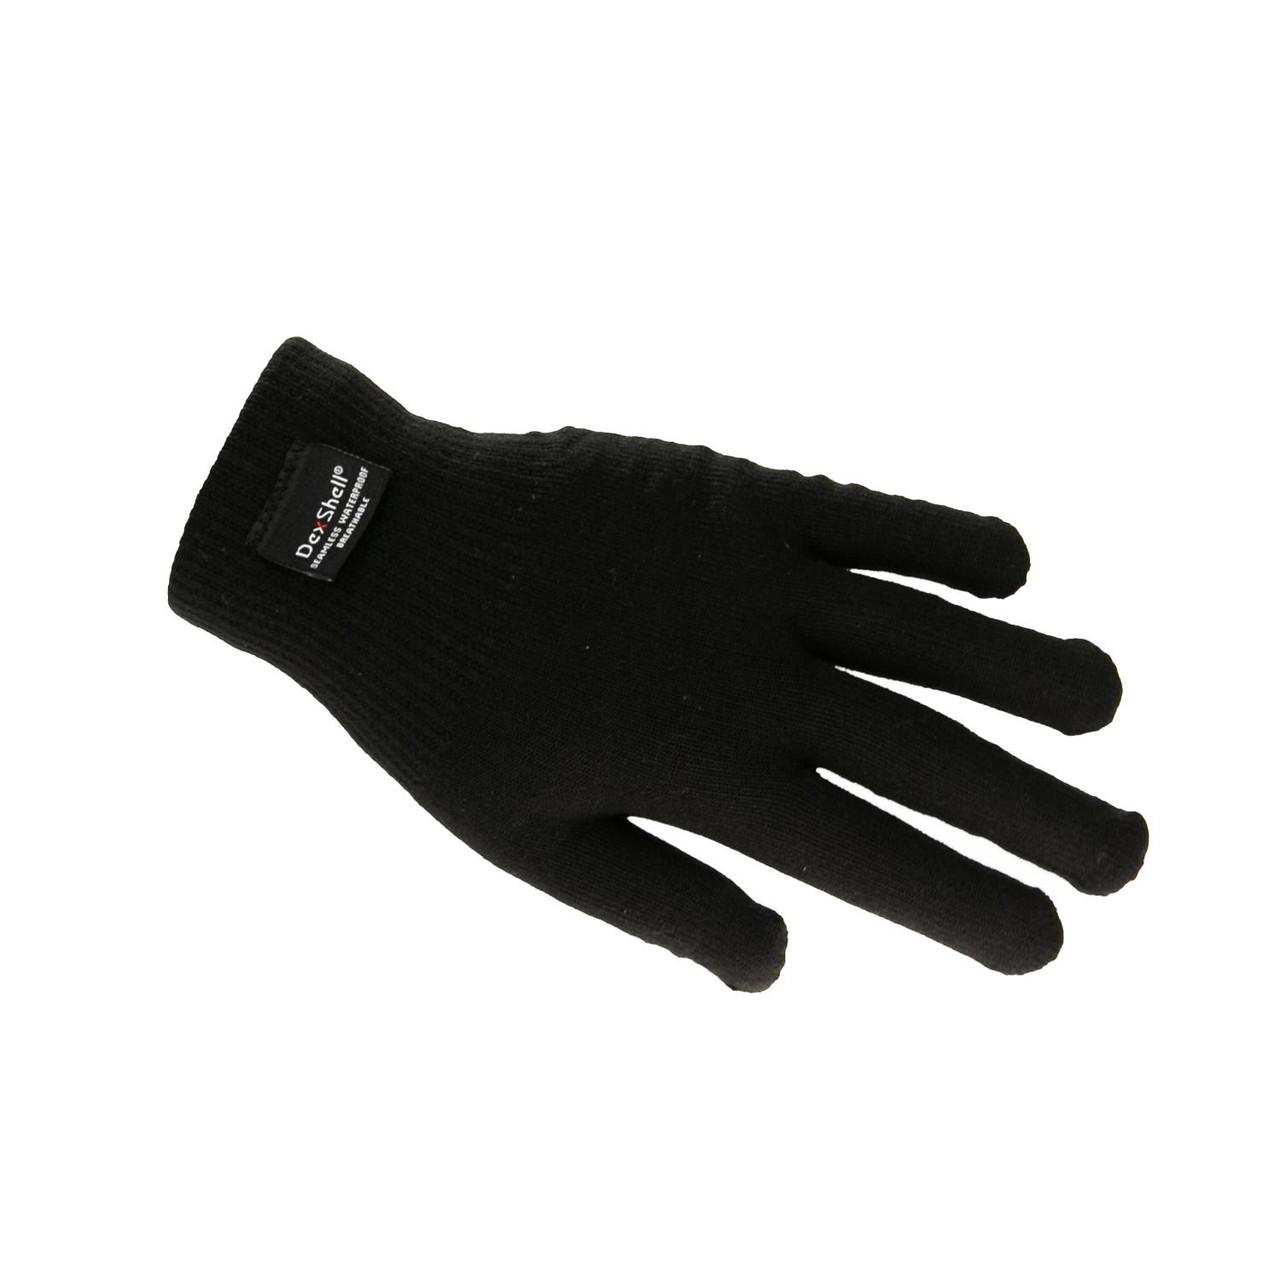 DexShell Touchfit Waterproof Gloves, Large